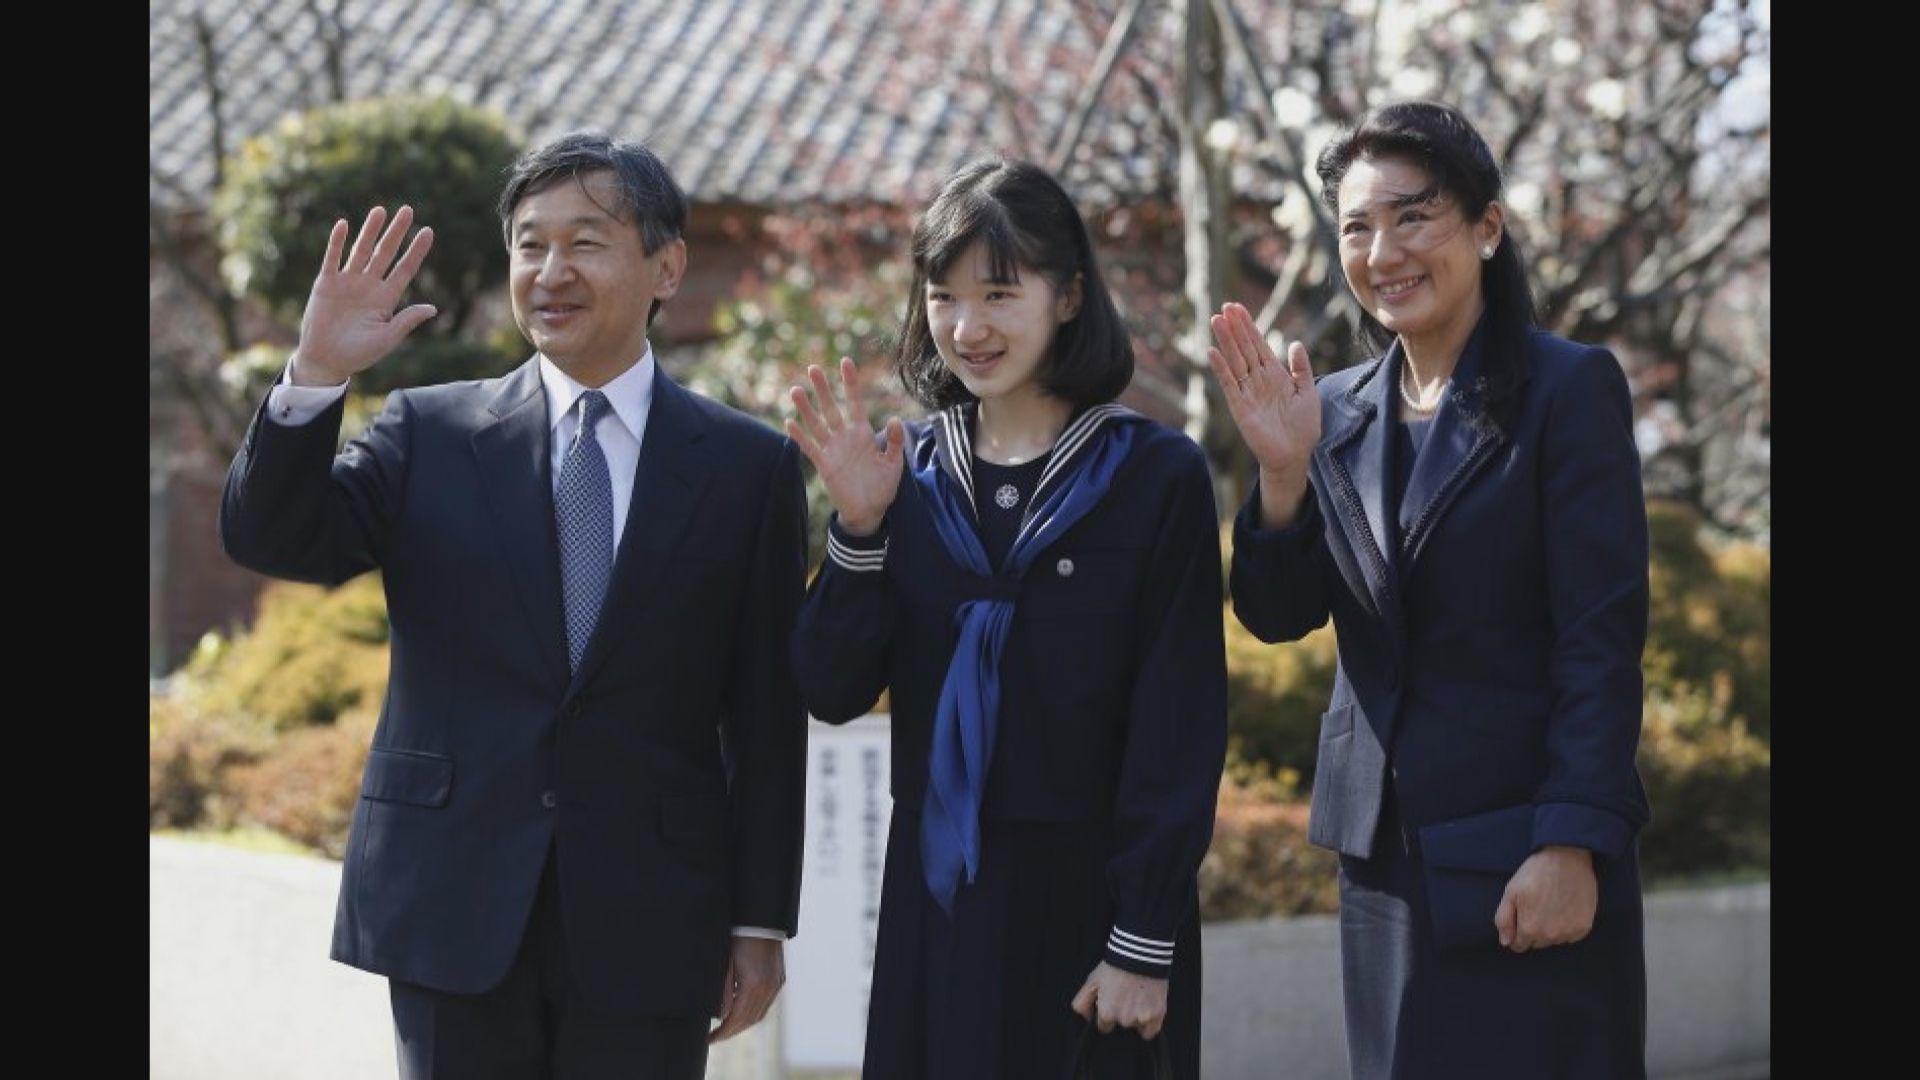 日本調查逾8成人支持有女性天皇